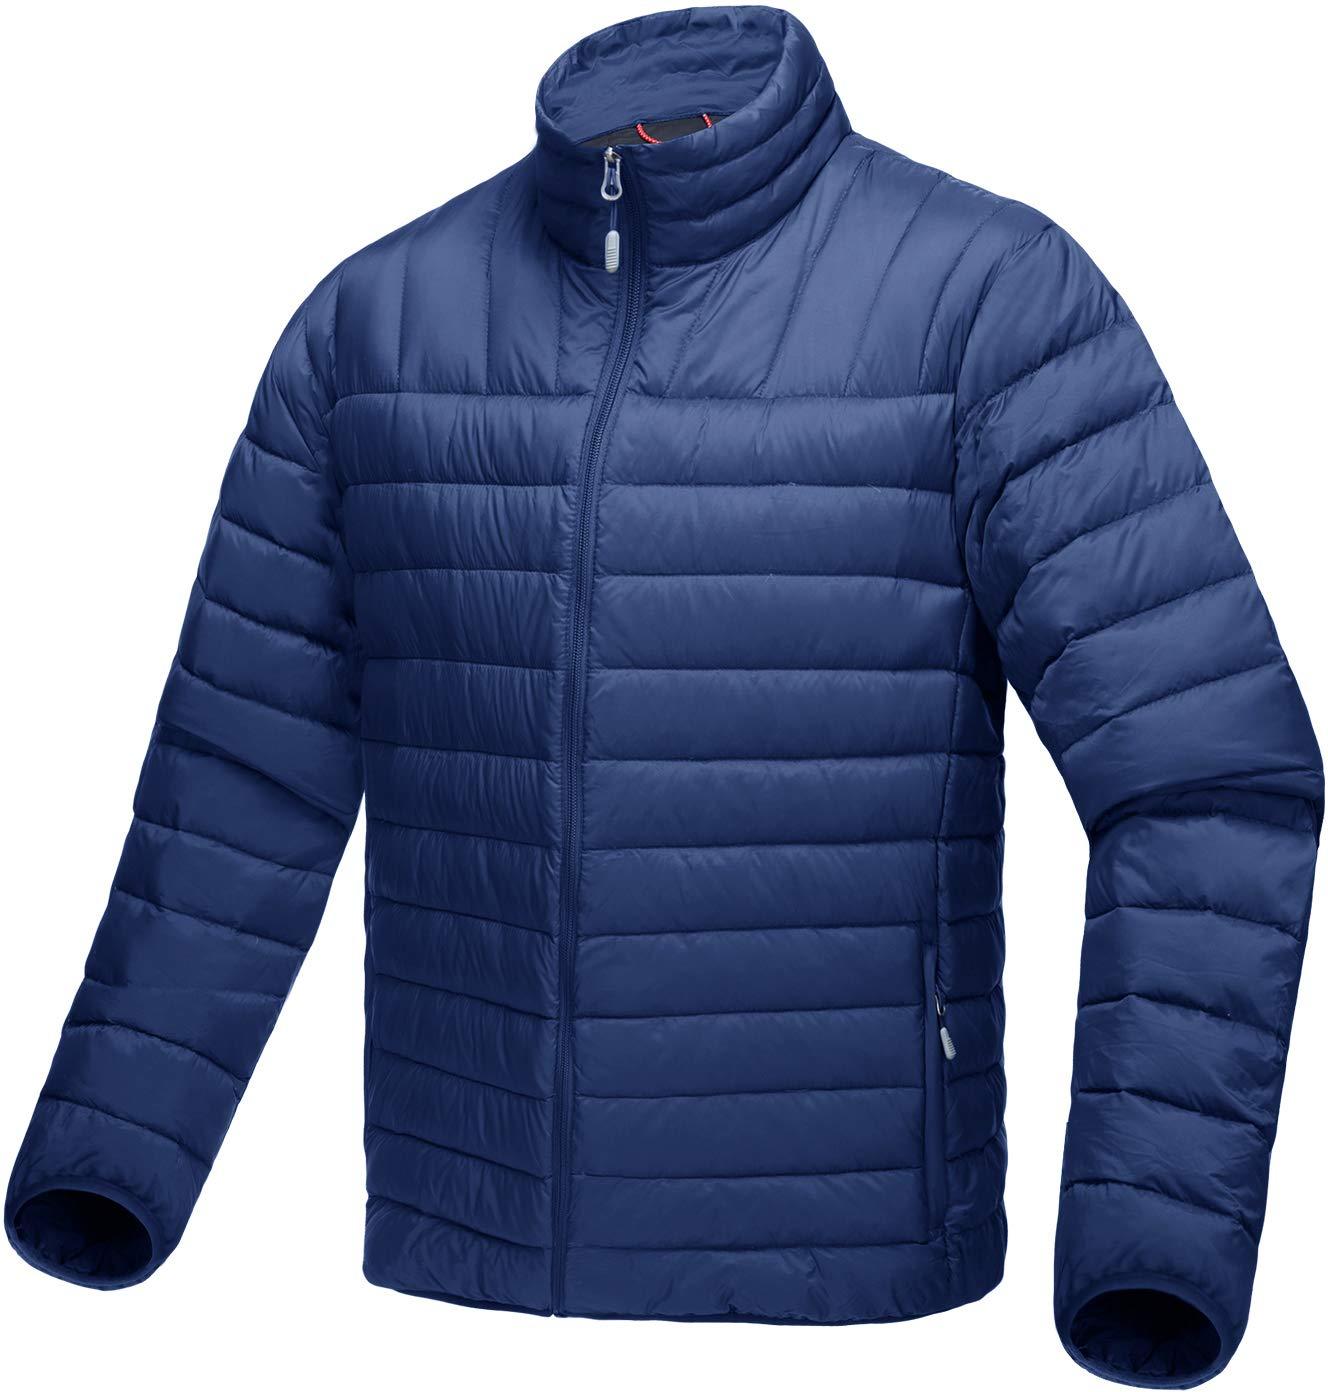 TACVASEN Herren Leichte Warme Daunenjacke Outdoor Camping Skijacke Daunen Jacke